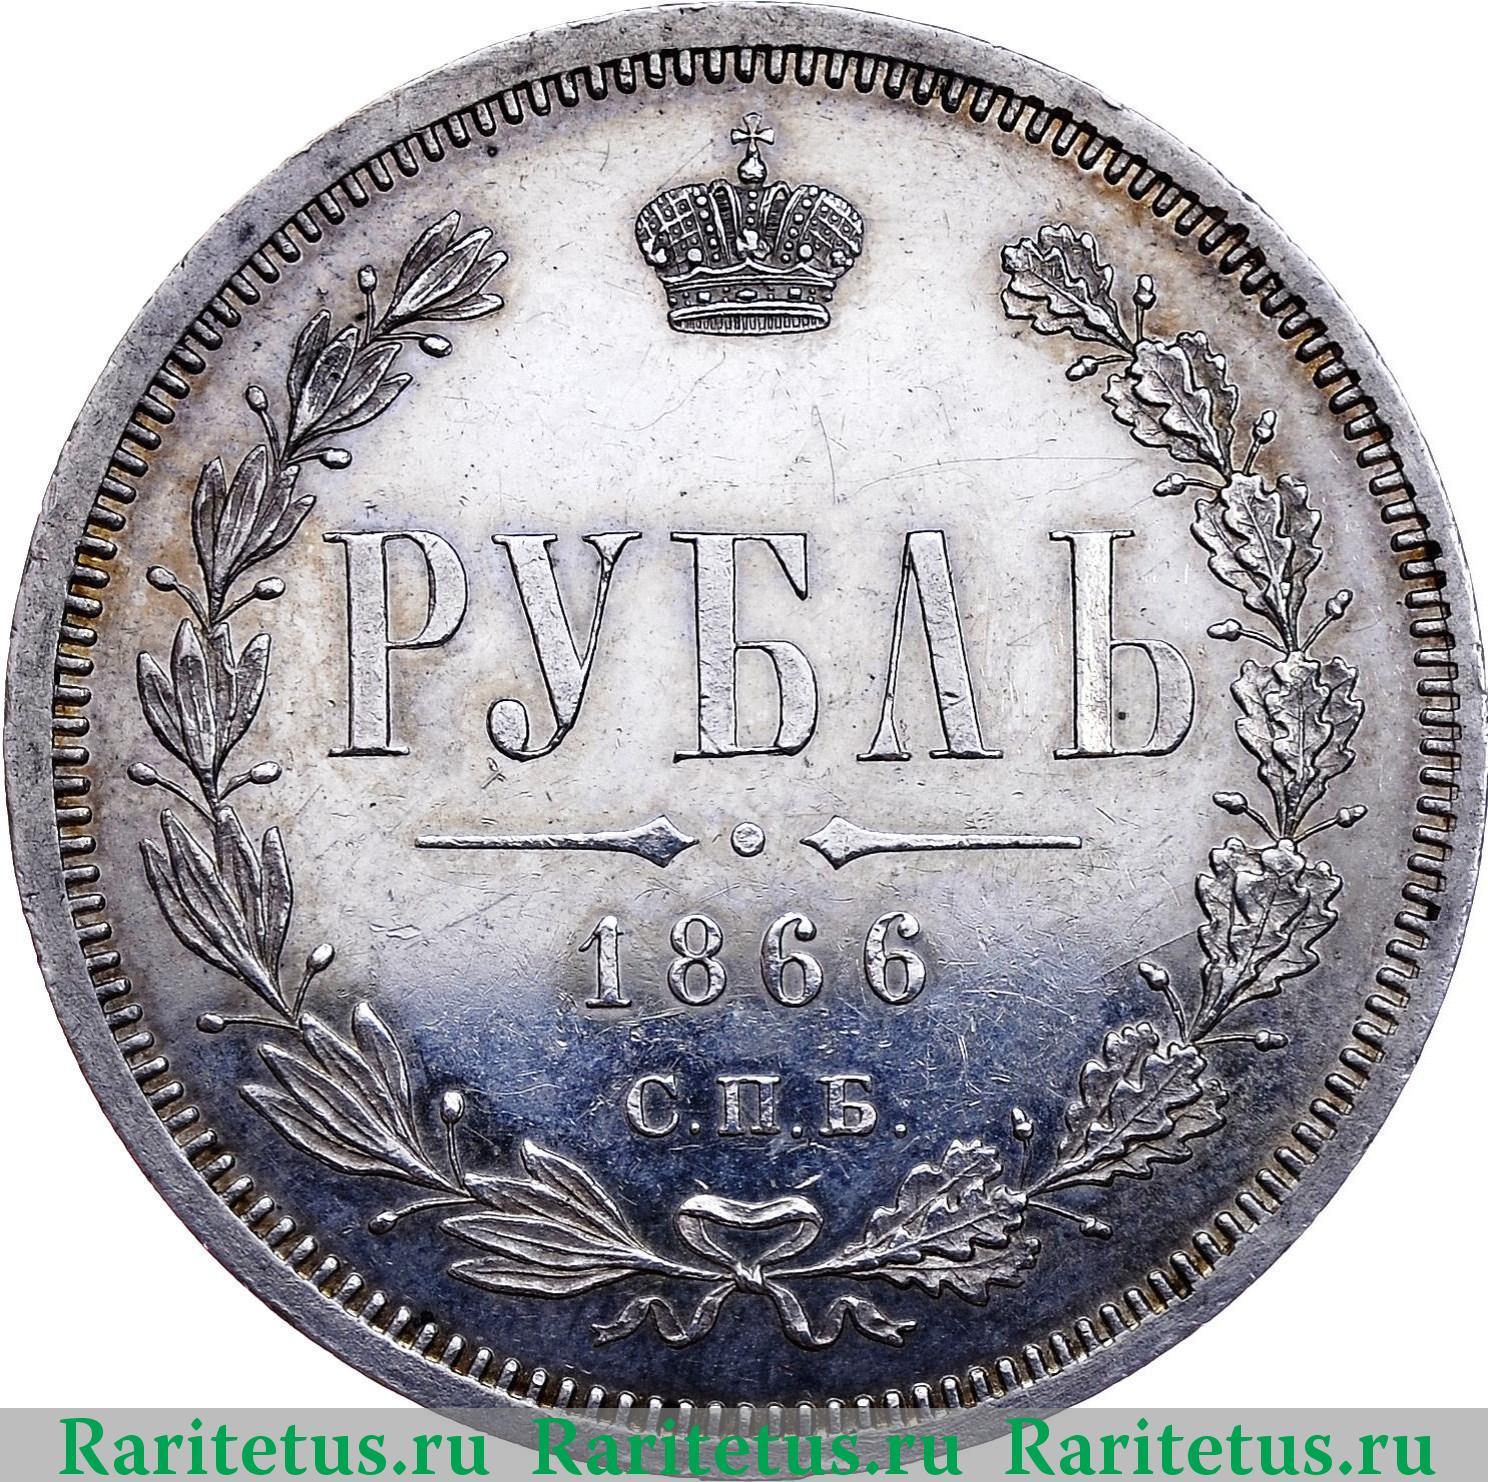 Монета 1 рубль 1866 года подделка монеты современной россии 2016